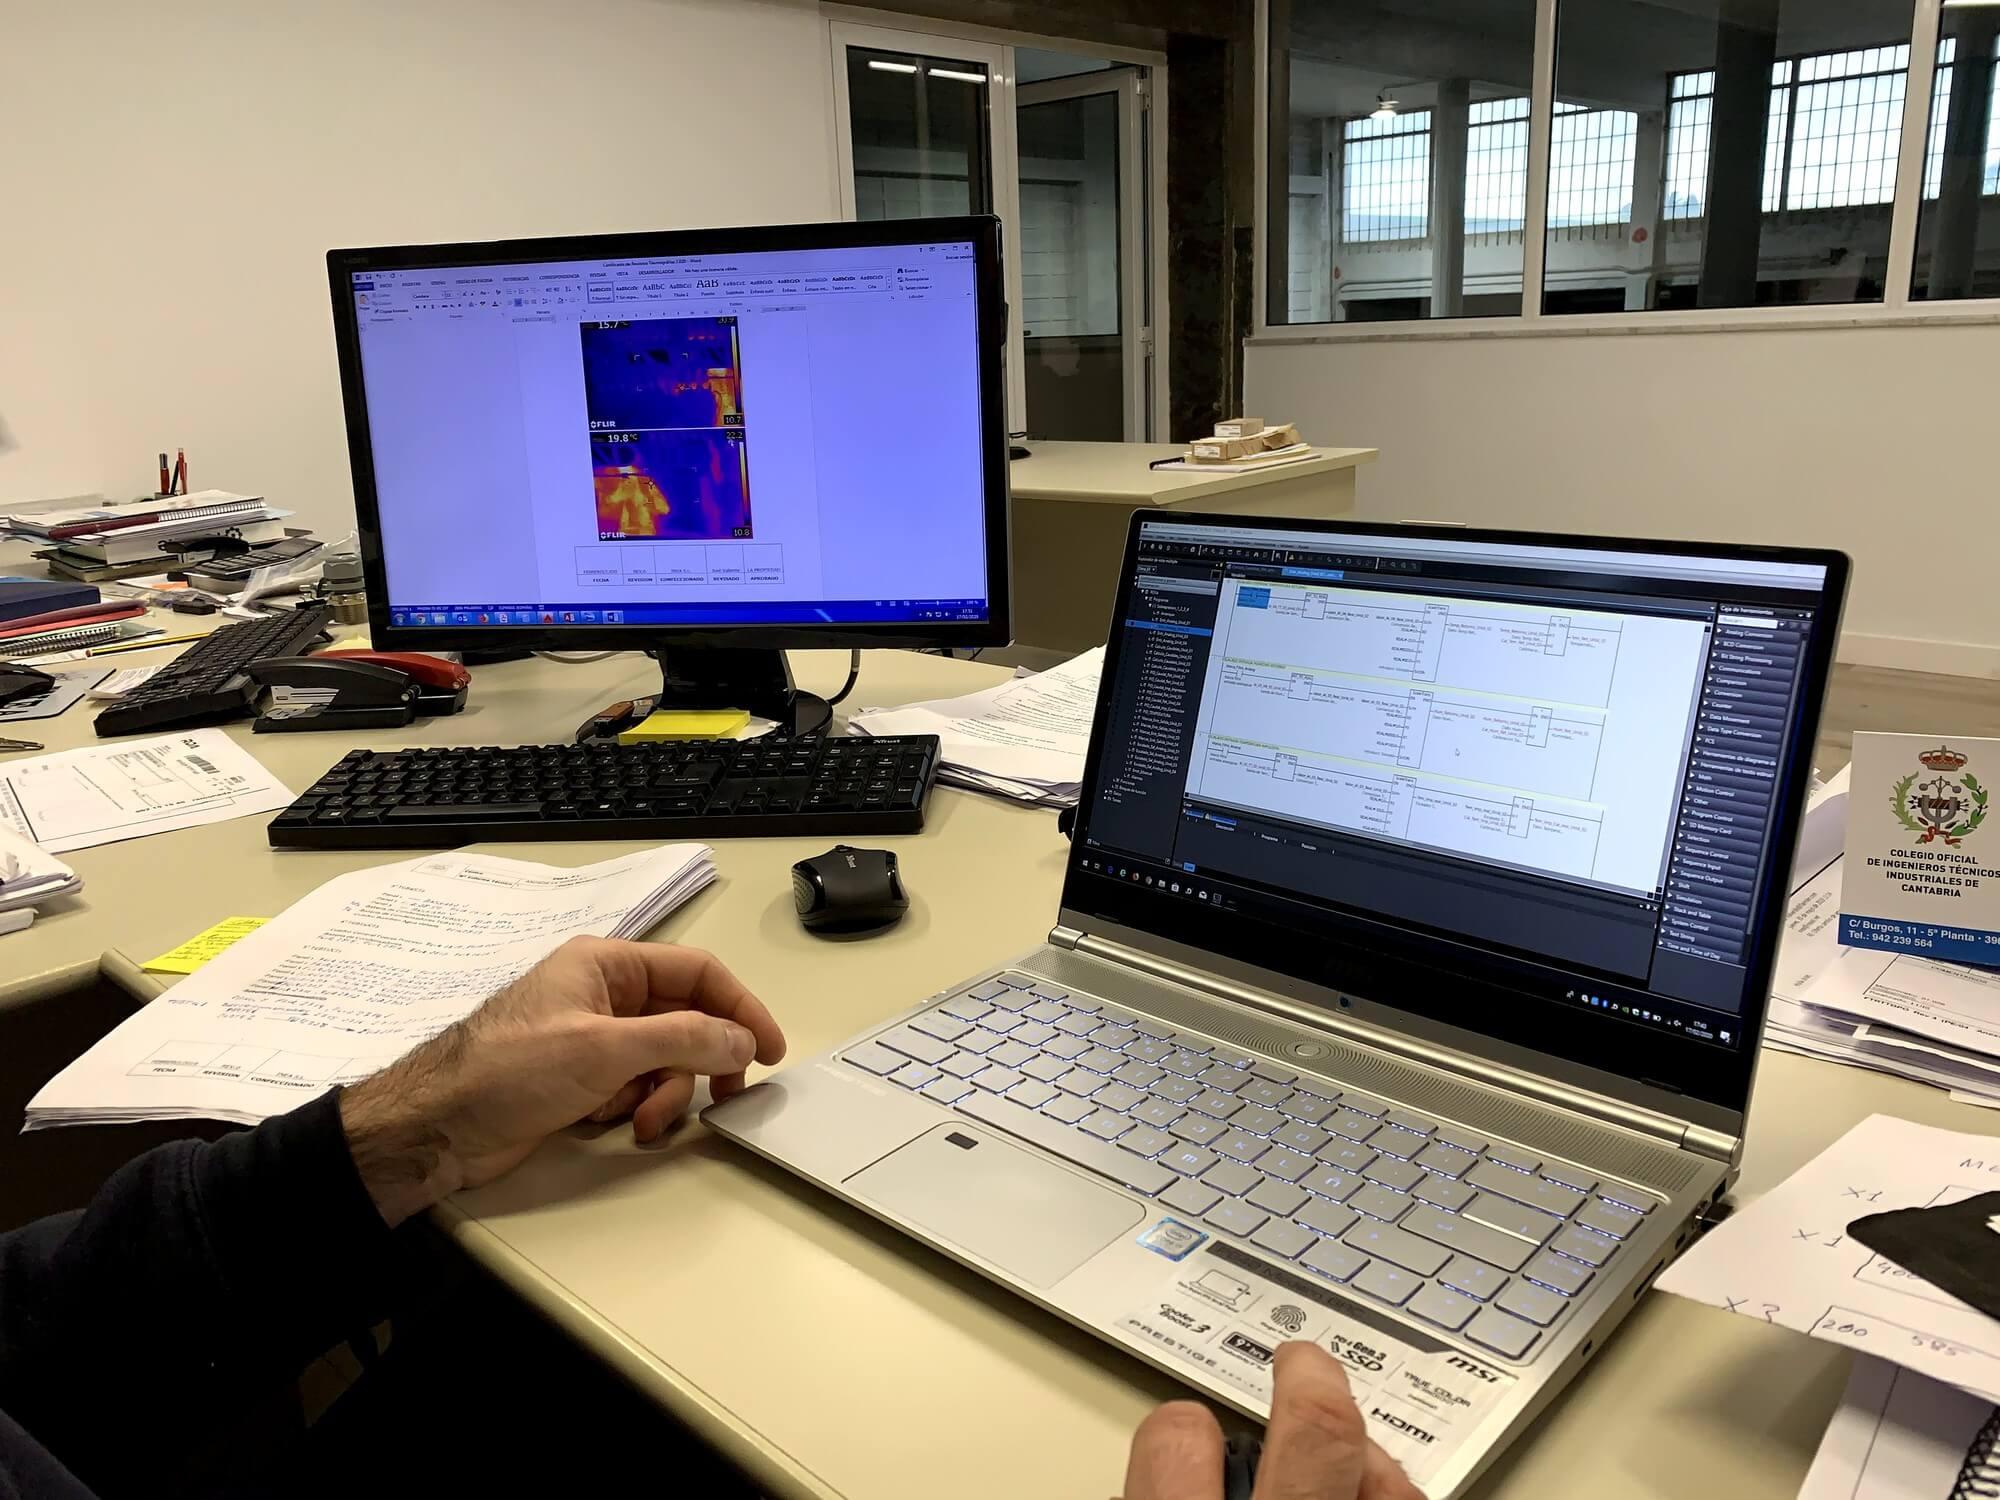 Laboratorio de calibración en Bilbao